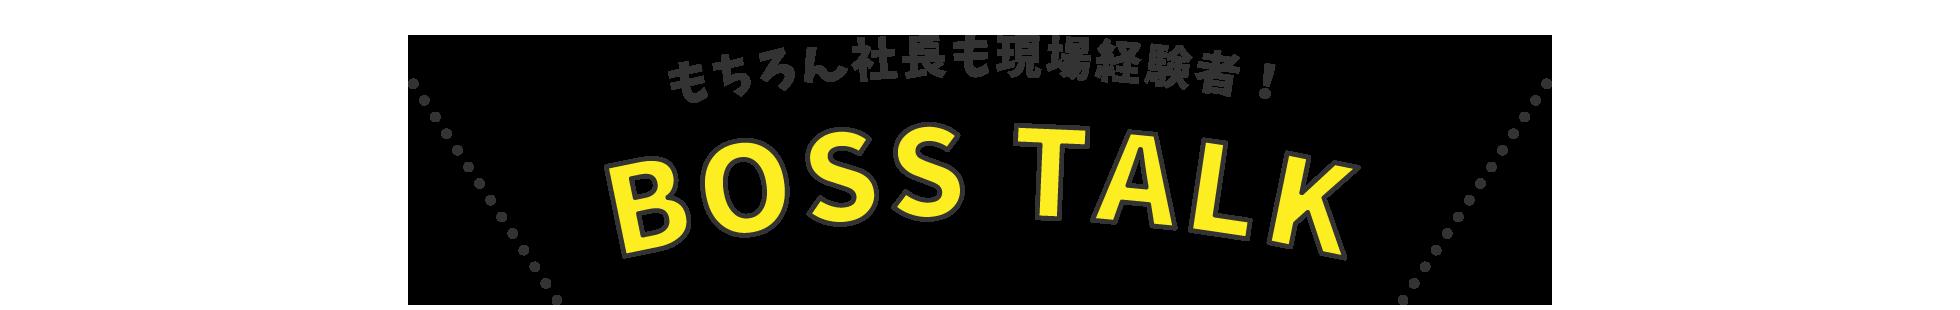 BOSS TALK / もちろん社長も現場経験者!